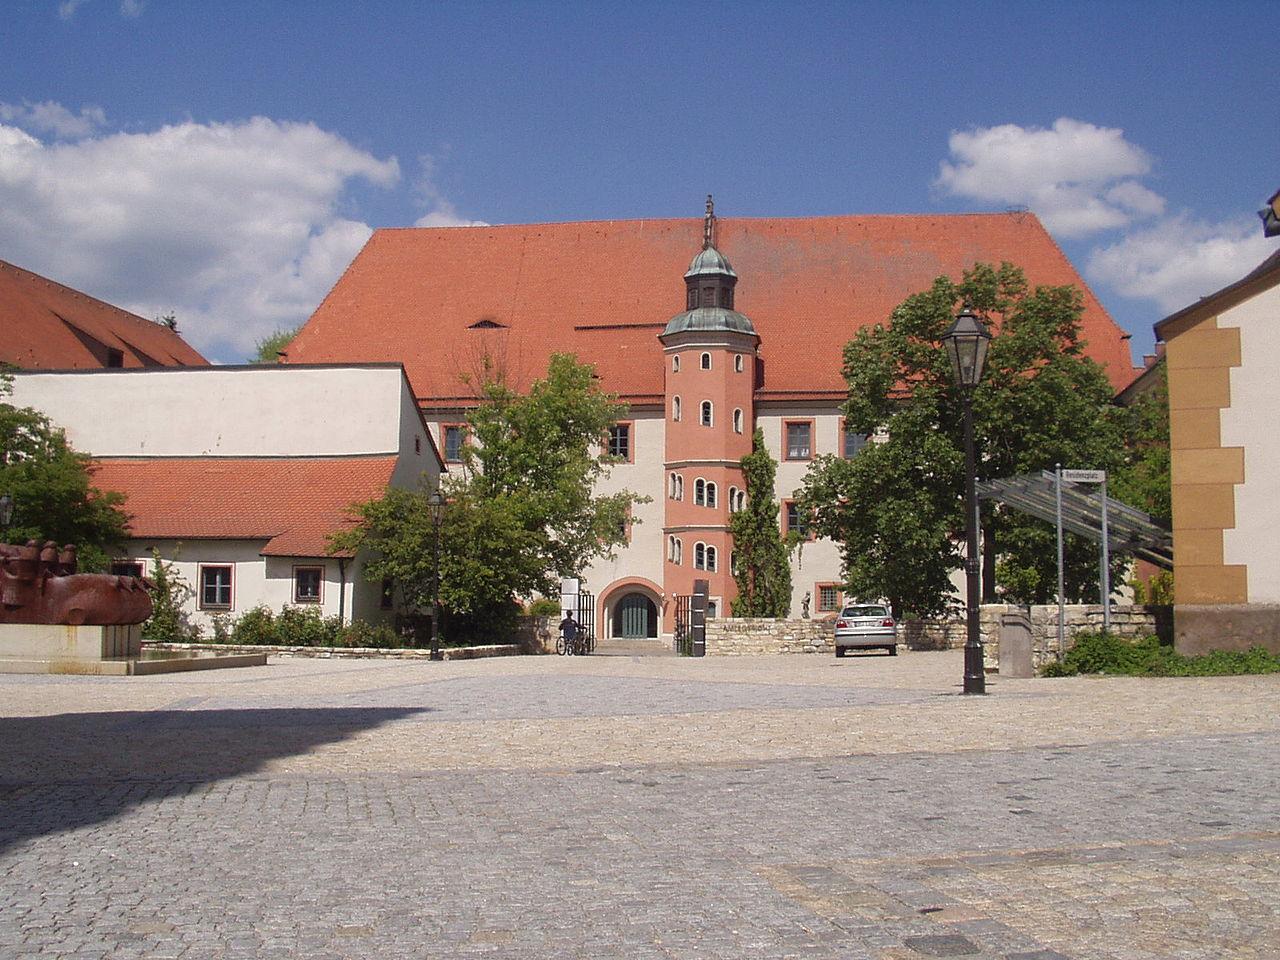 Bild Pfalzgrafenschloss Neumarkt